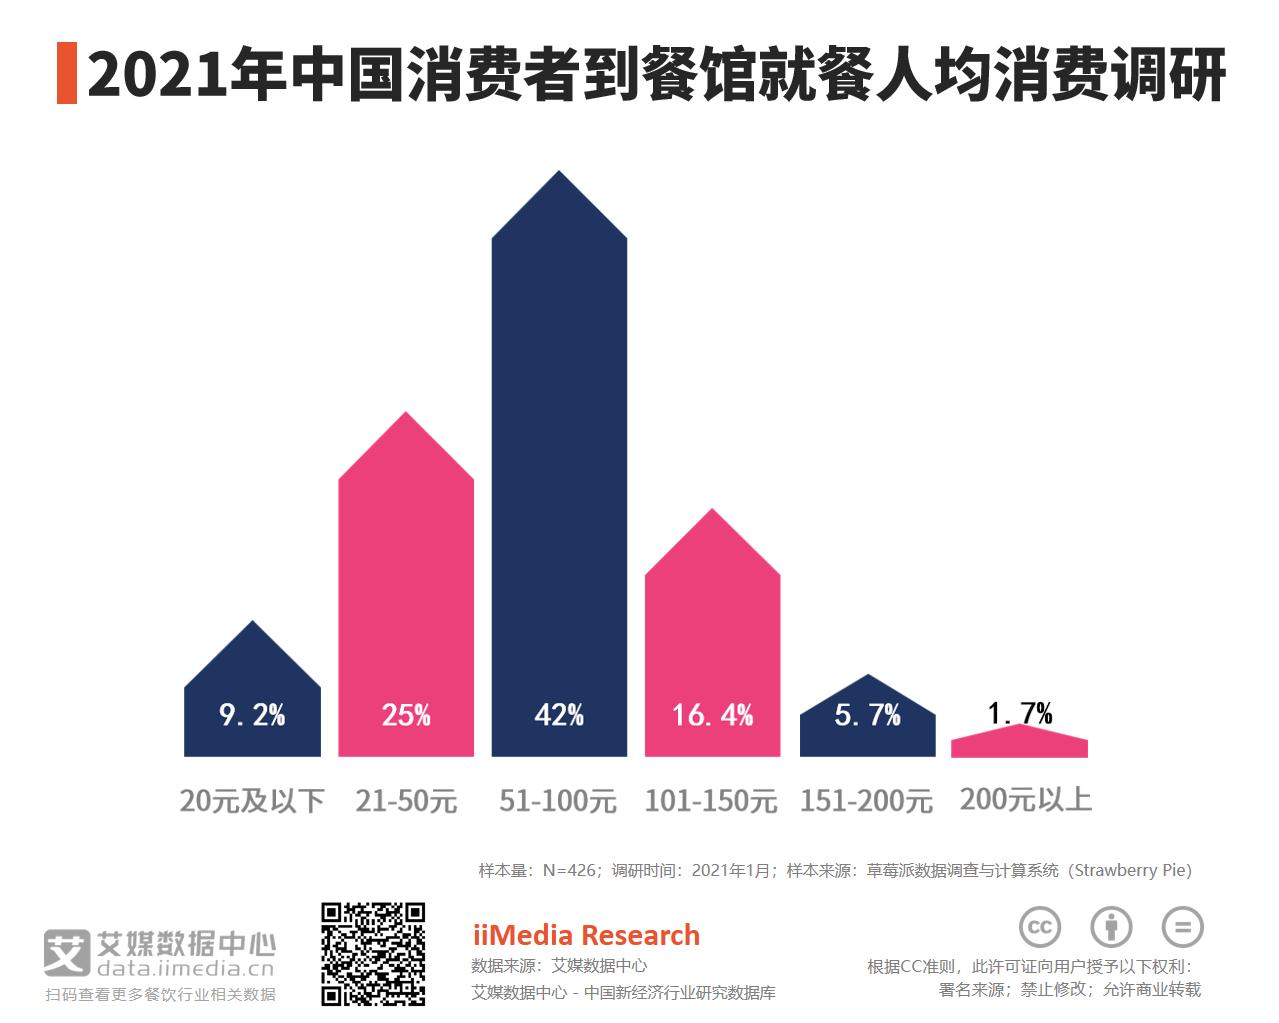 2021年中国42%消费者到餐馆就餐人均消费在51-100元